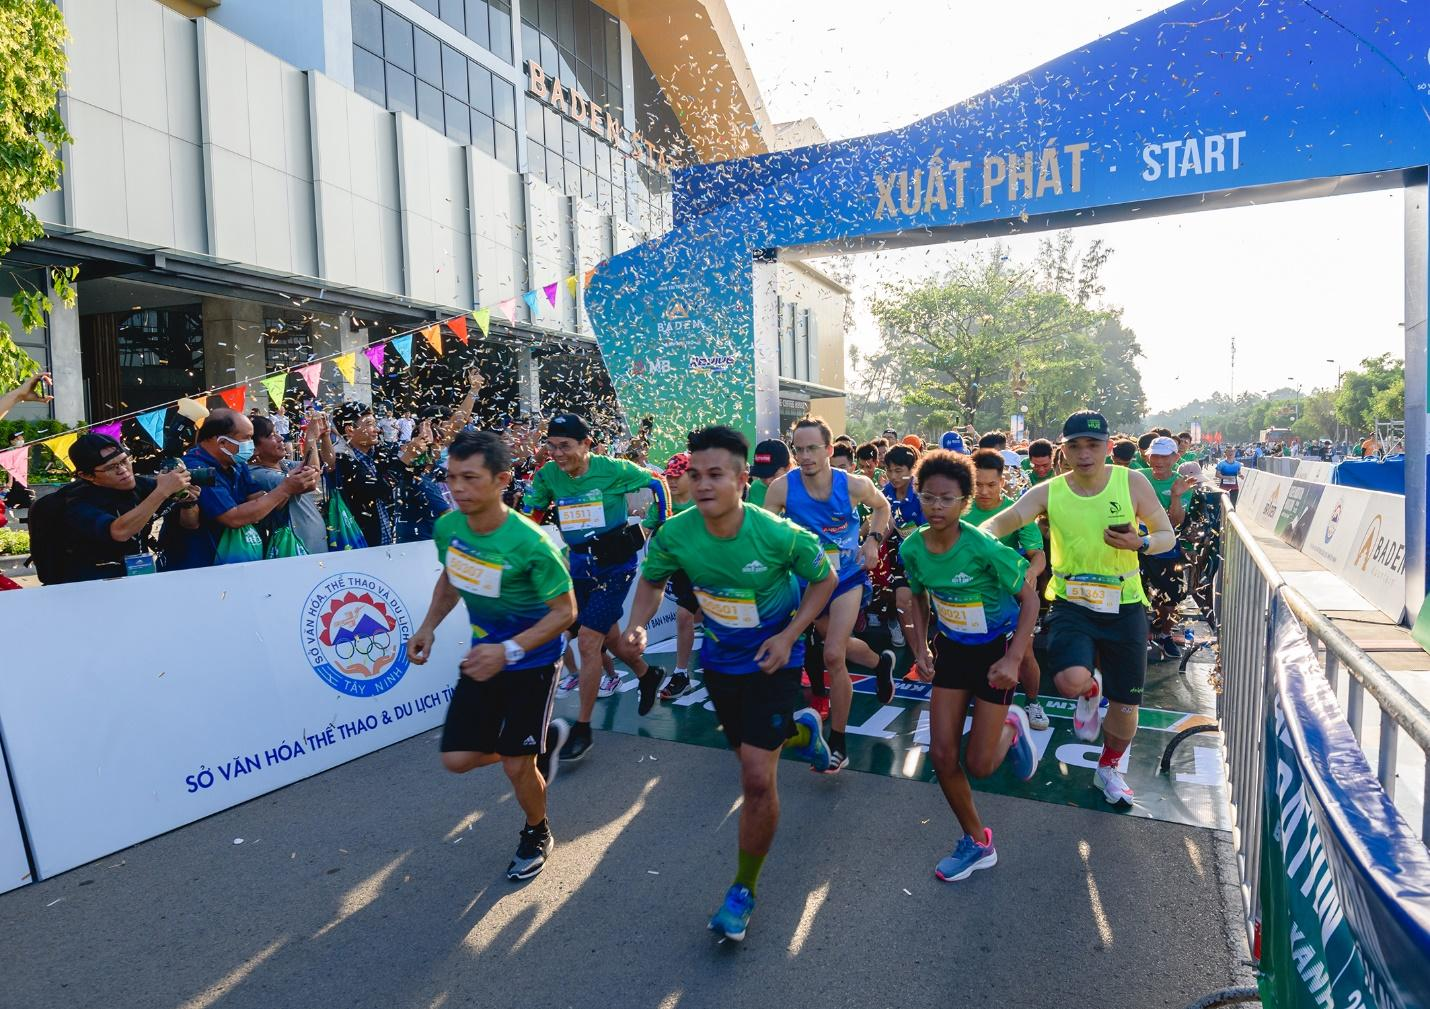 Ấn tượng với giải chạy marathon quy mô đầu tiên của Tây Ninh - Ảnh 3.